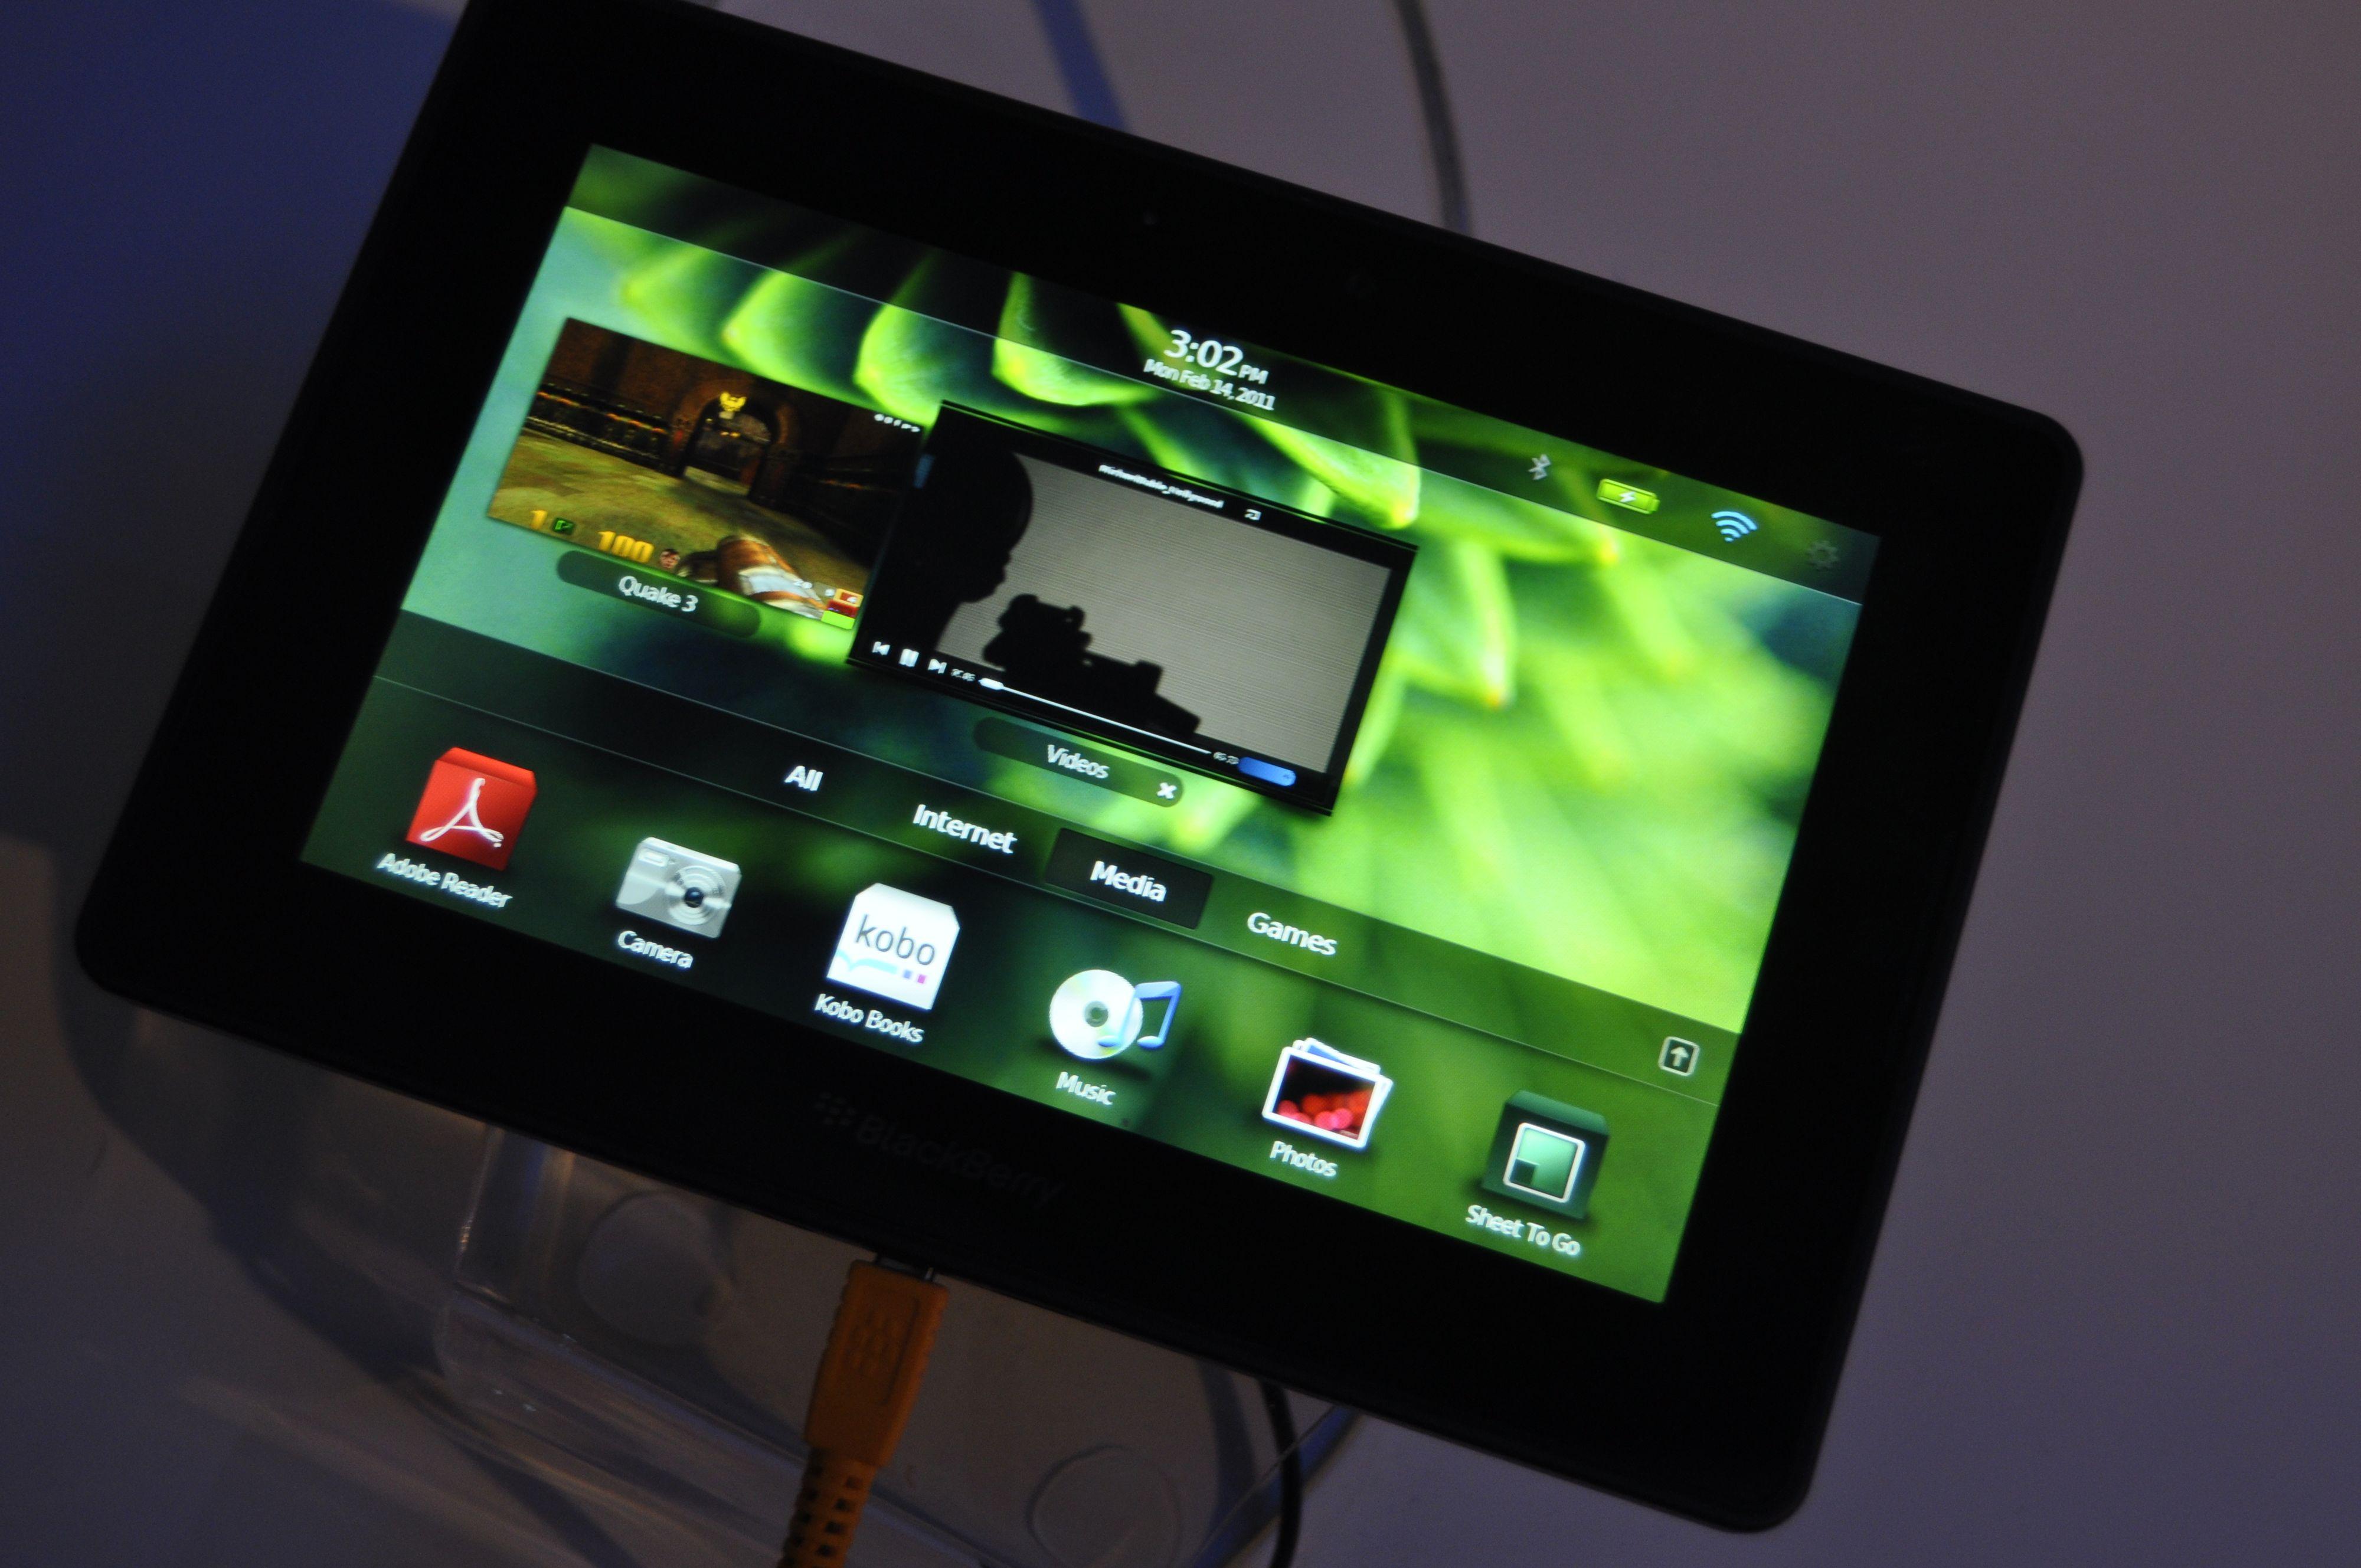 BlackBerry PlayBook hadde en mer imponerende brukeropplevelse enn Android 3.0 Honeycomb.